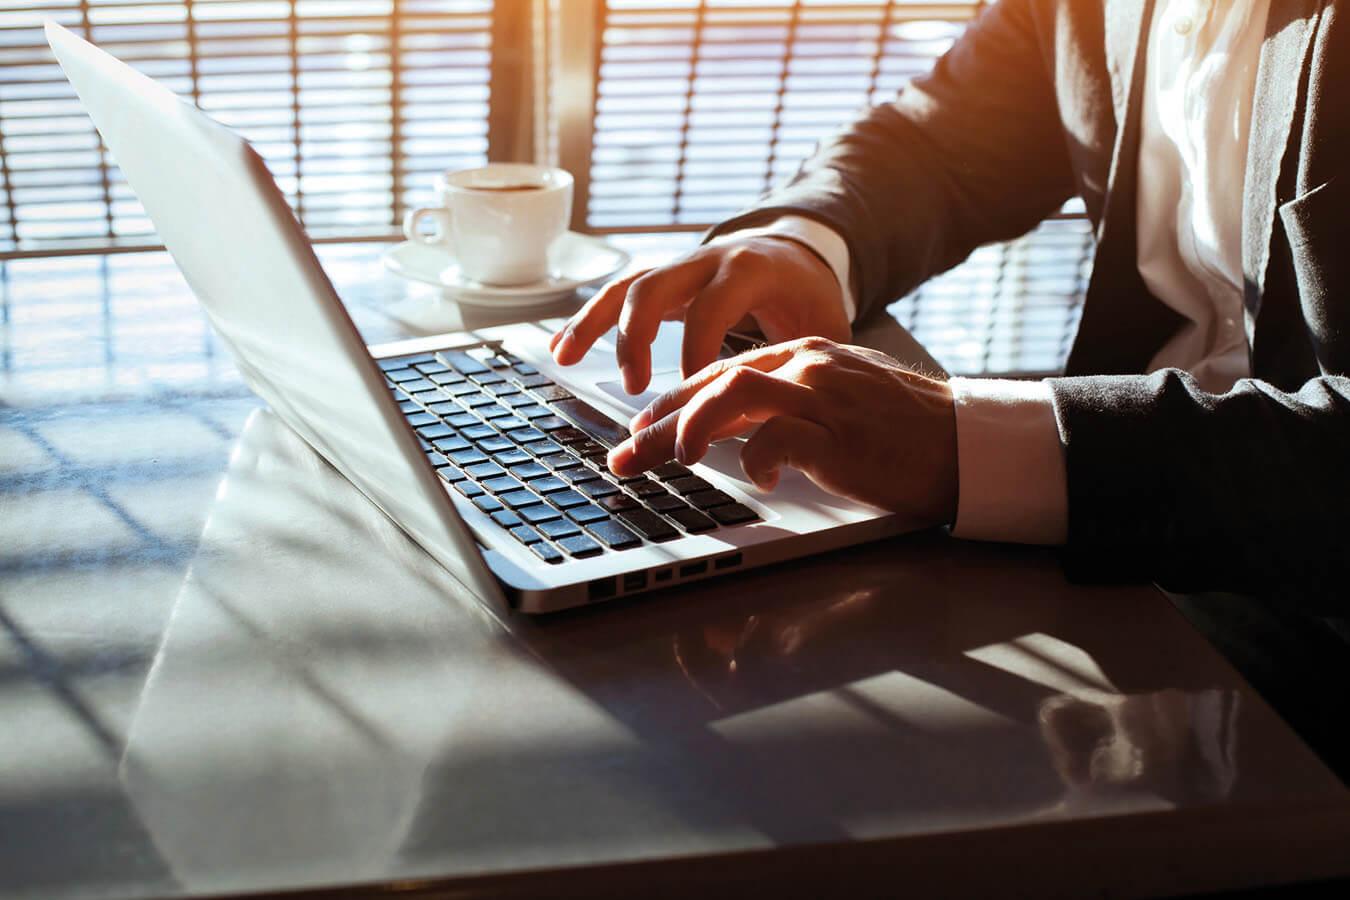 Prenotazione online, offrire un servizio migliore lavorando meglio nella tua palestra